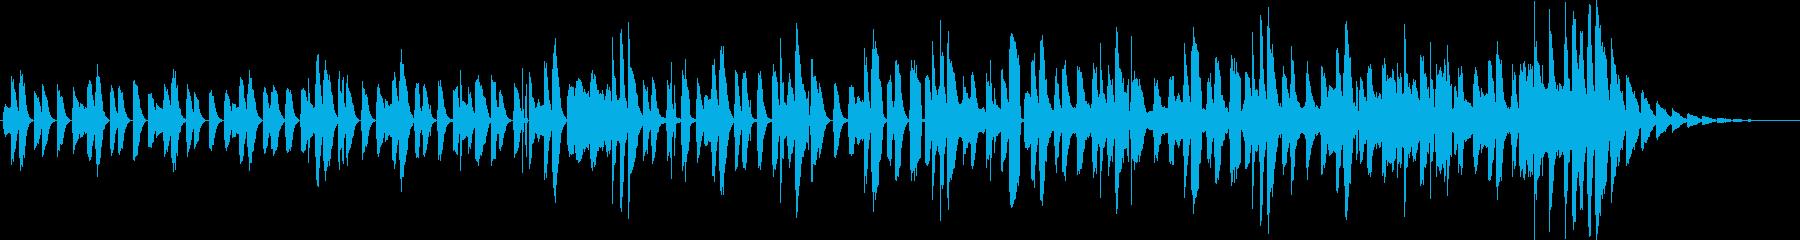 不思議で明るいピアノインスト(短縮版)の再生済みの波形